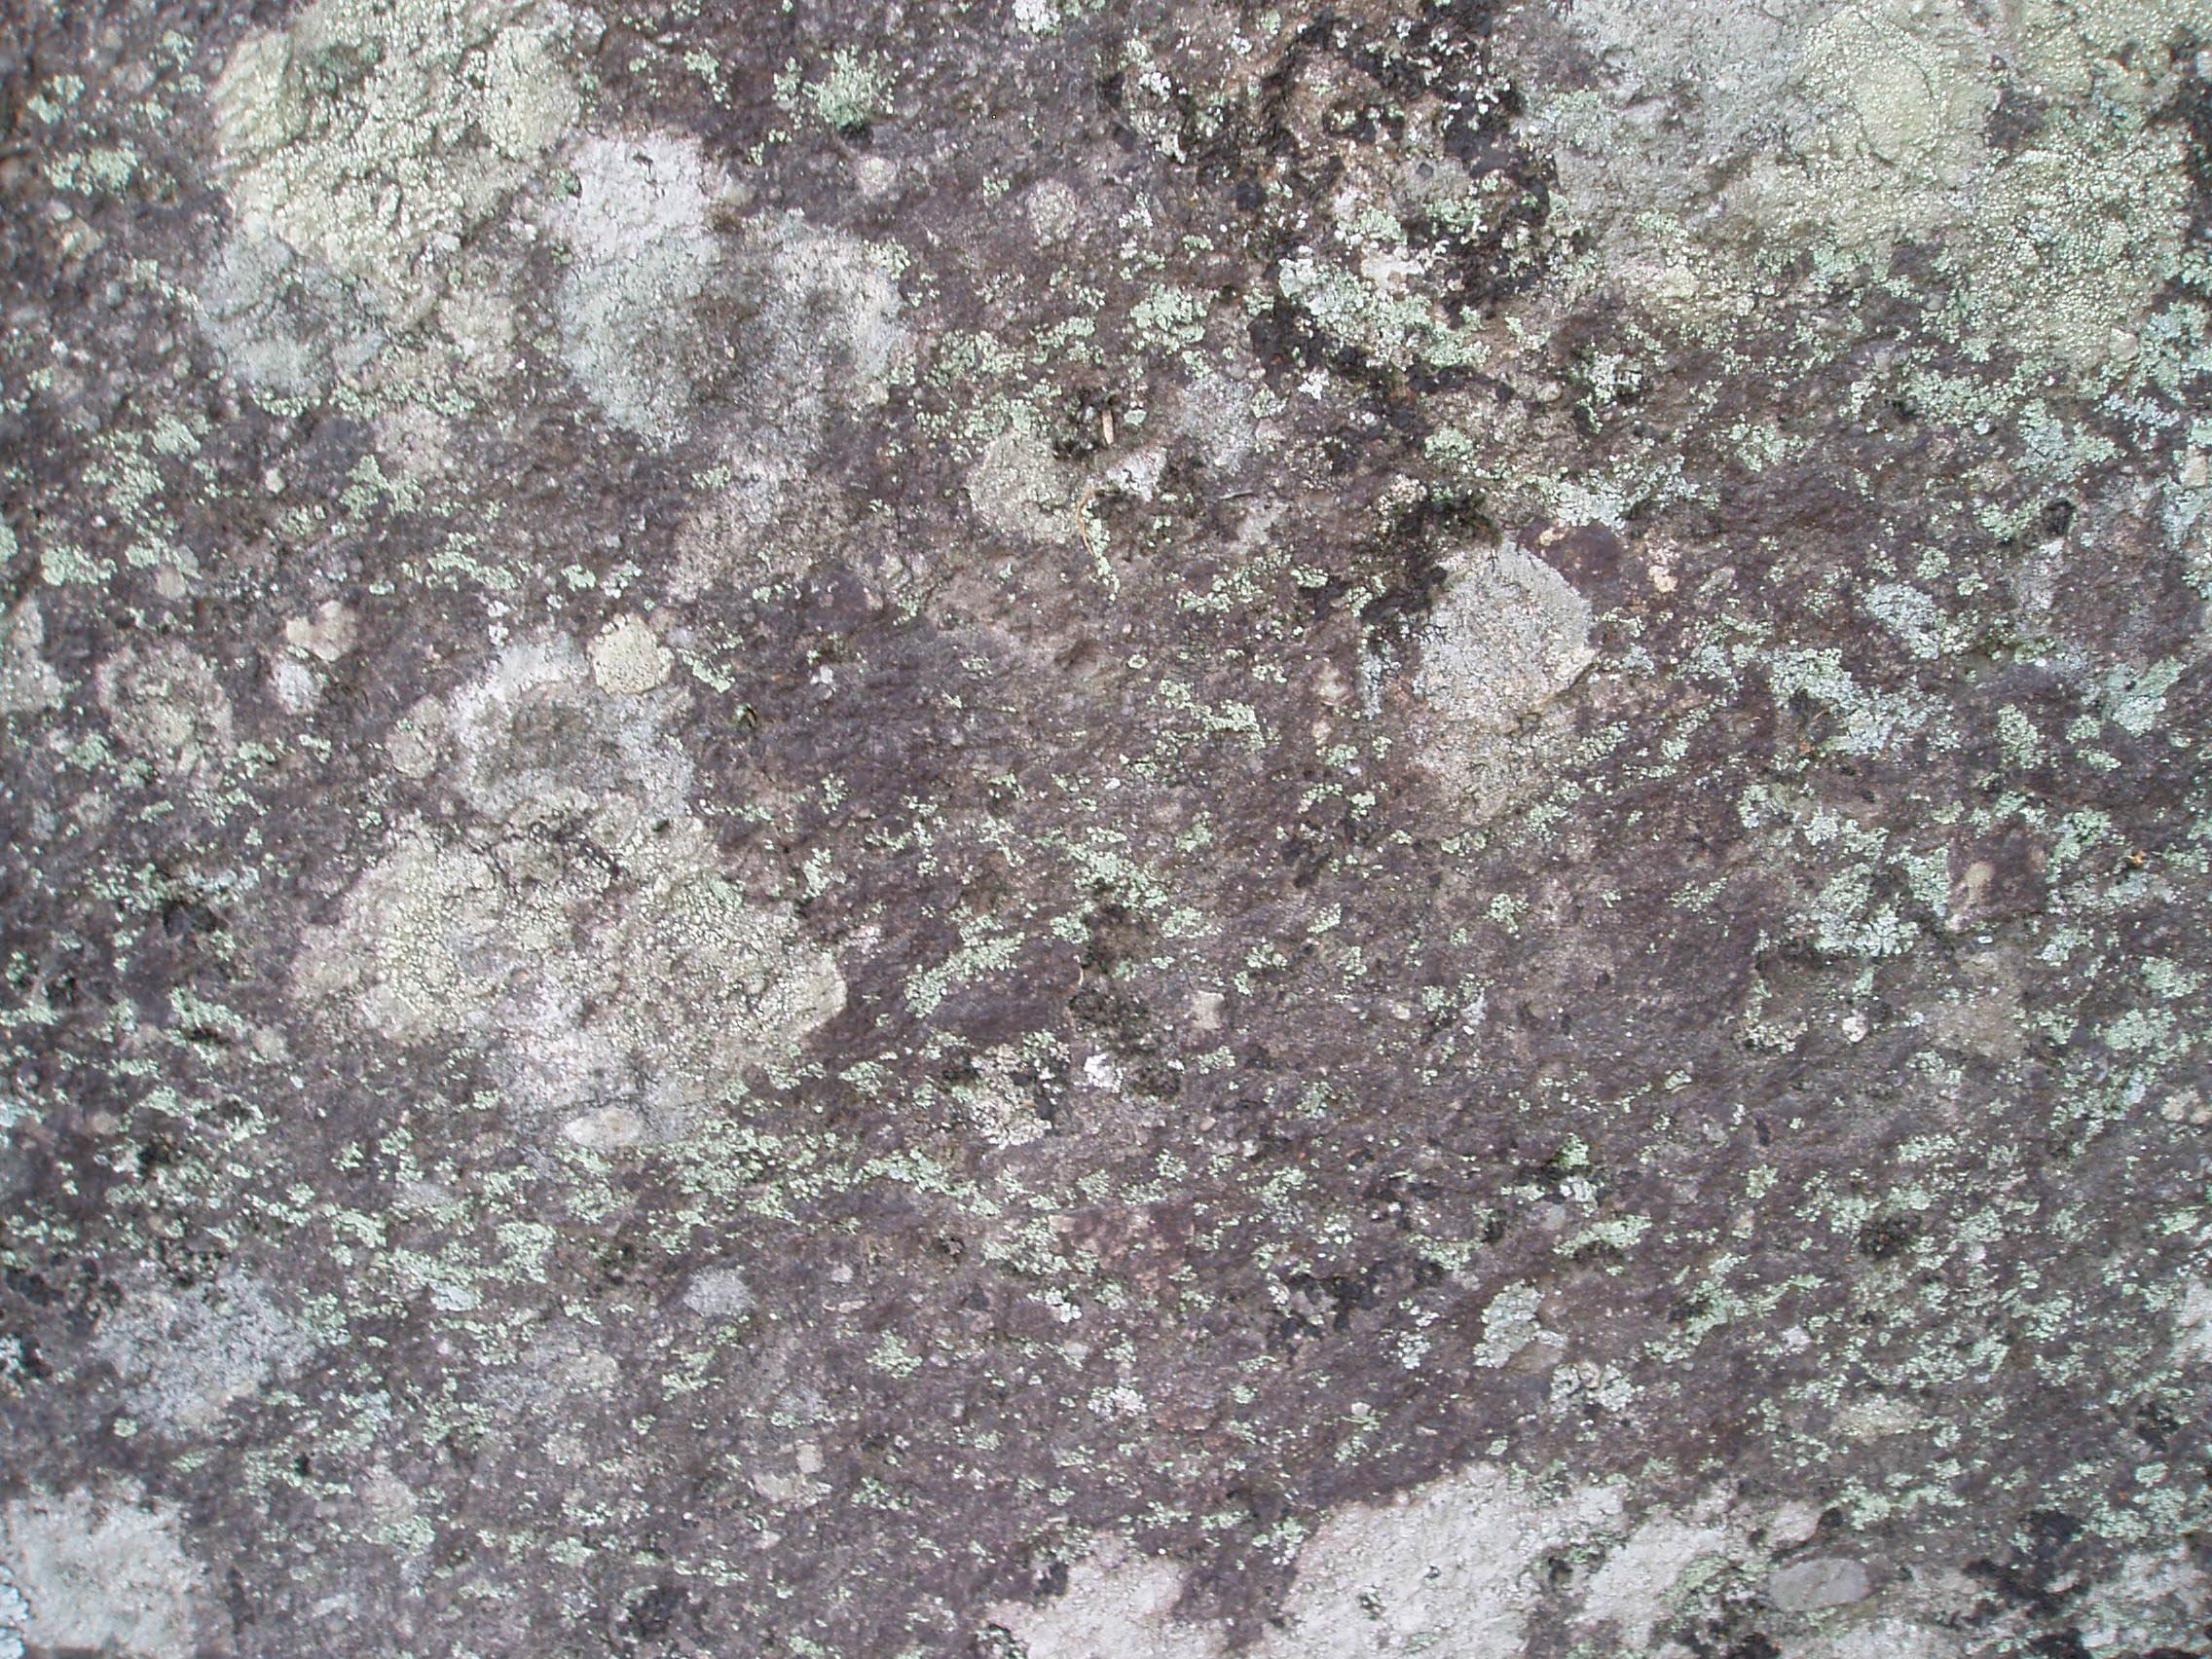 Stock: Lichen rock texture by AntiRetrovirus